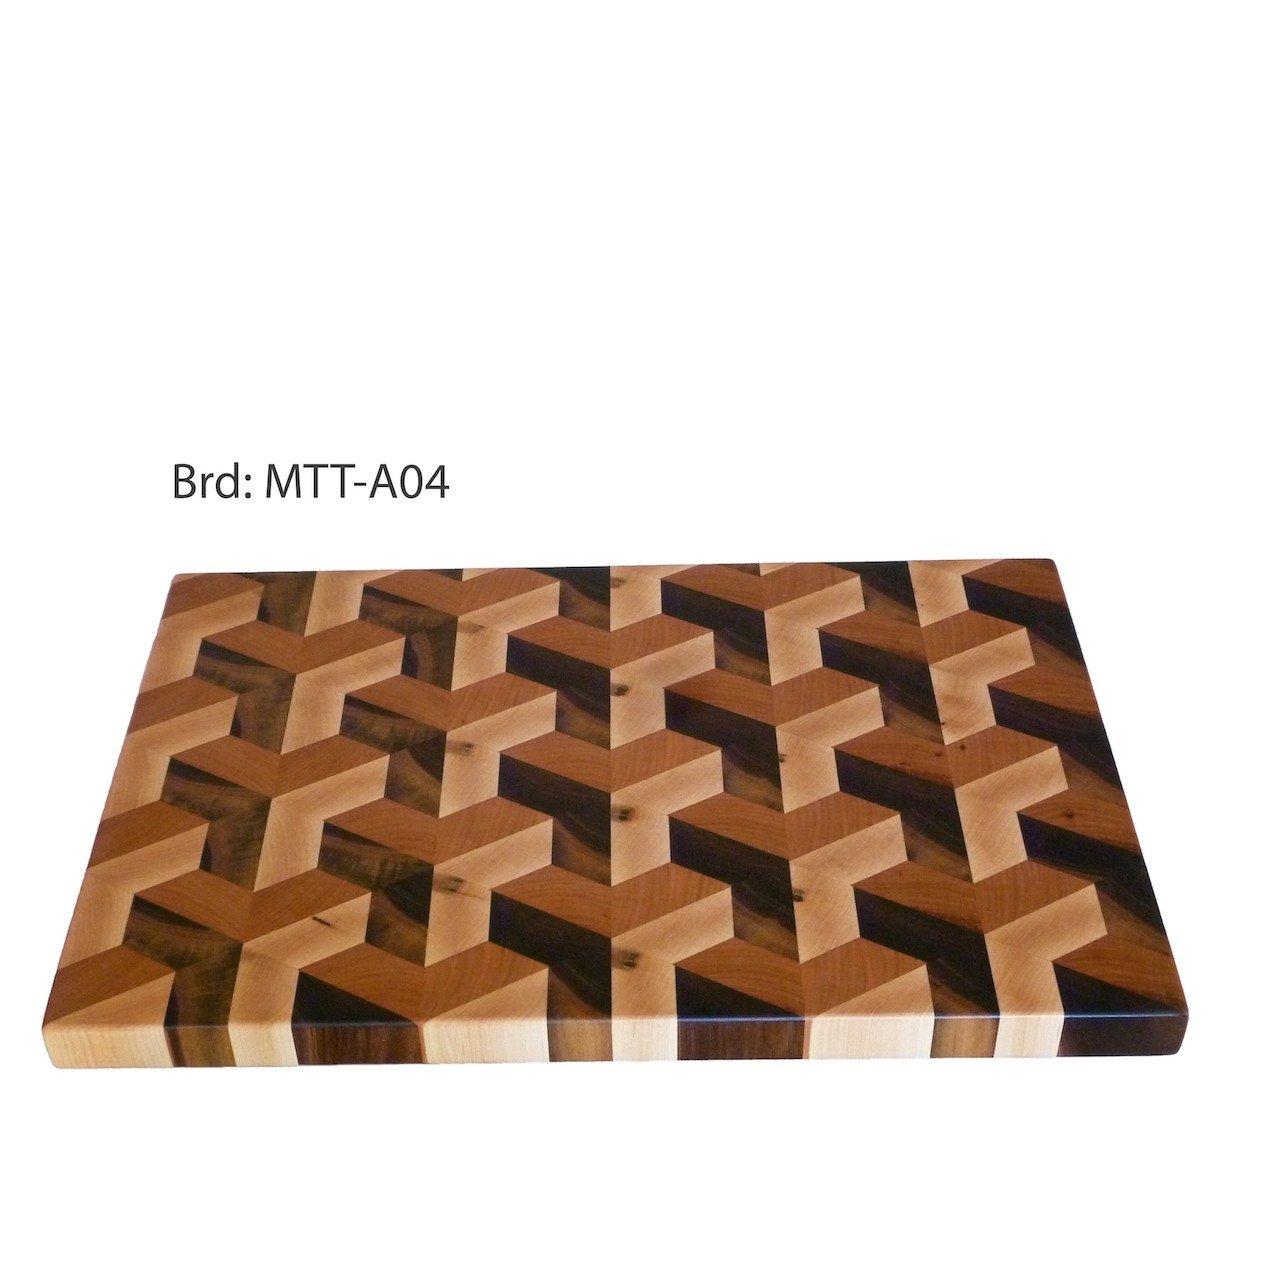 MTTT-A04